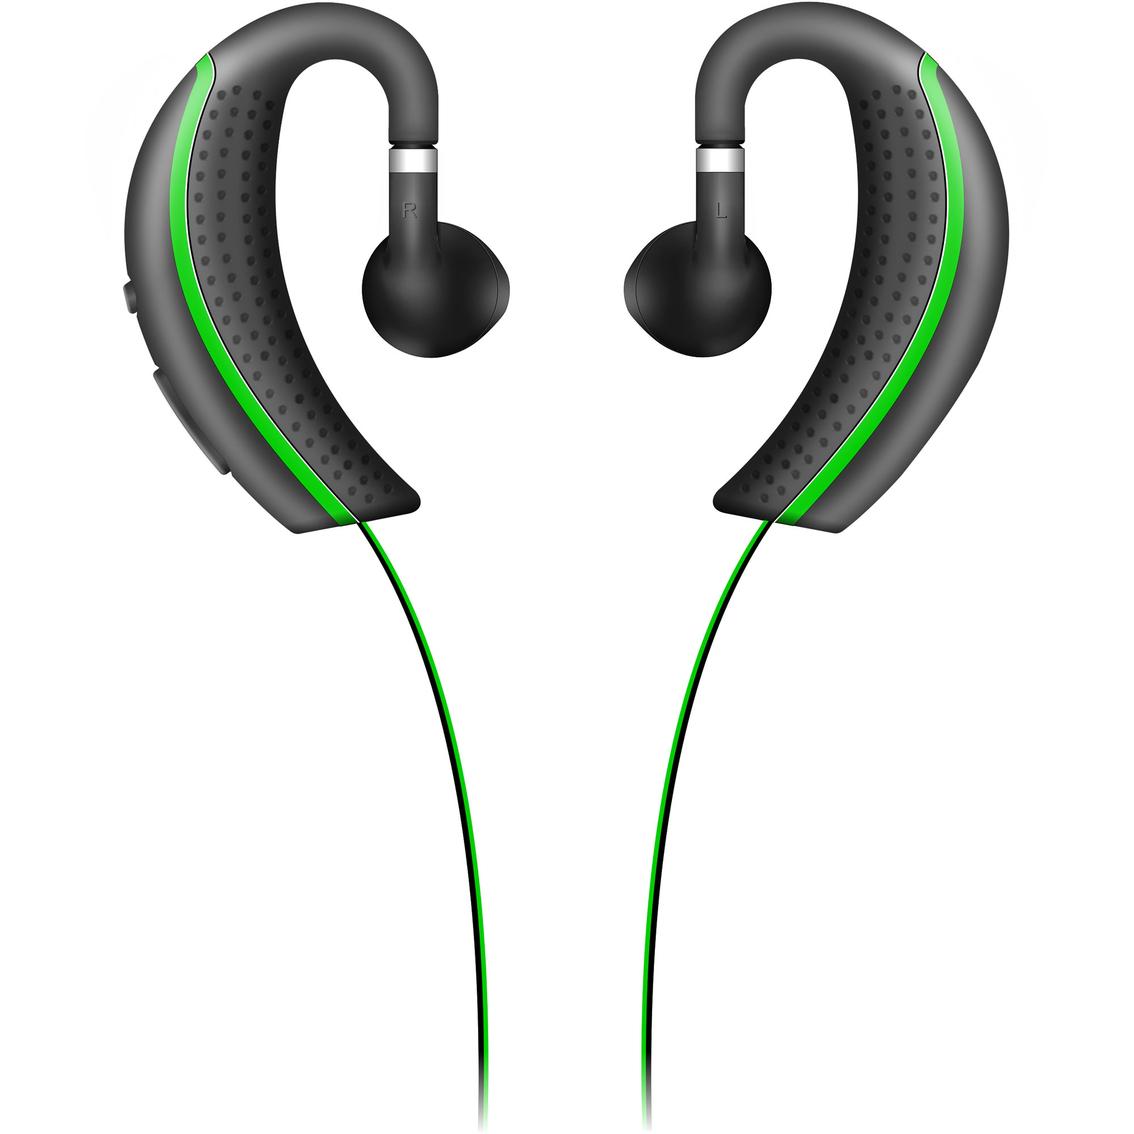 Befit Bluetooth In-ear Headphones